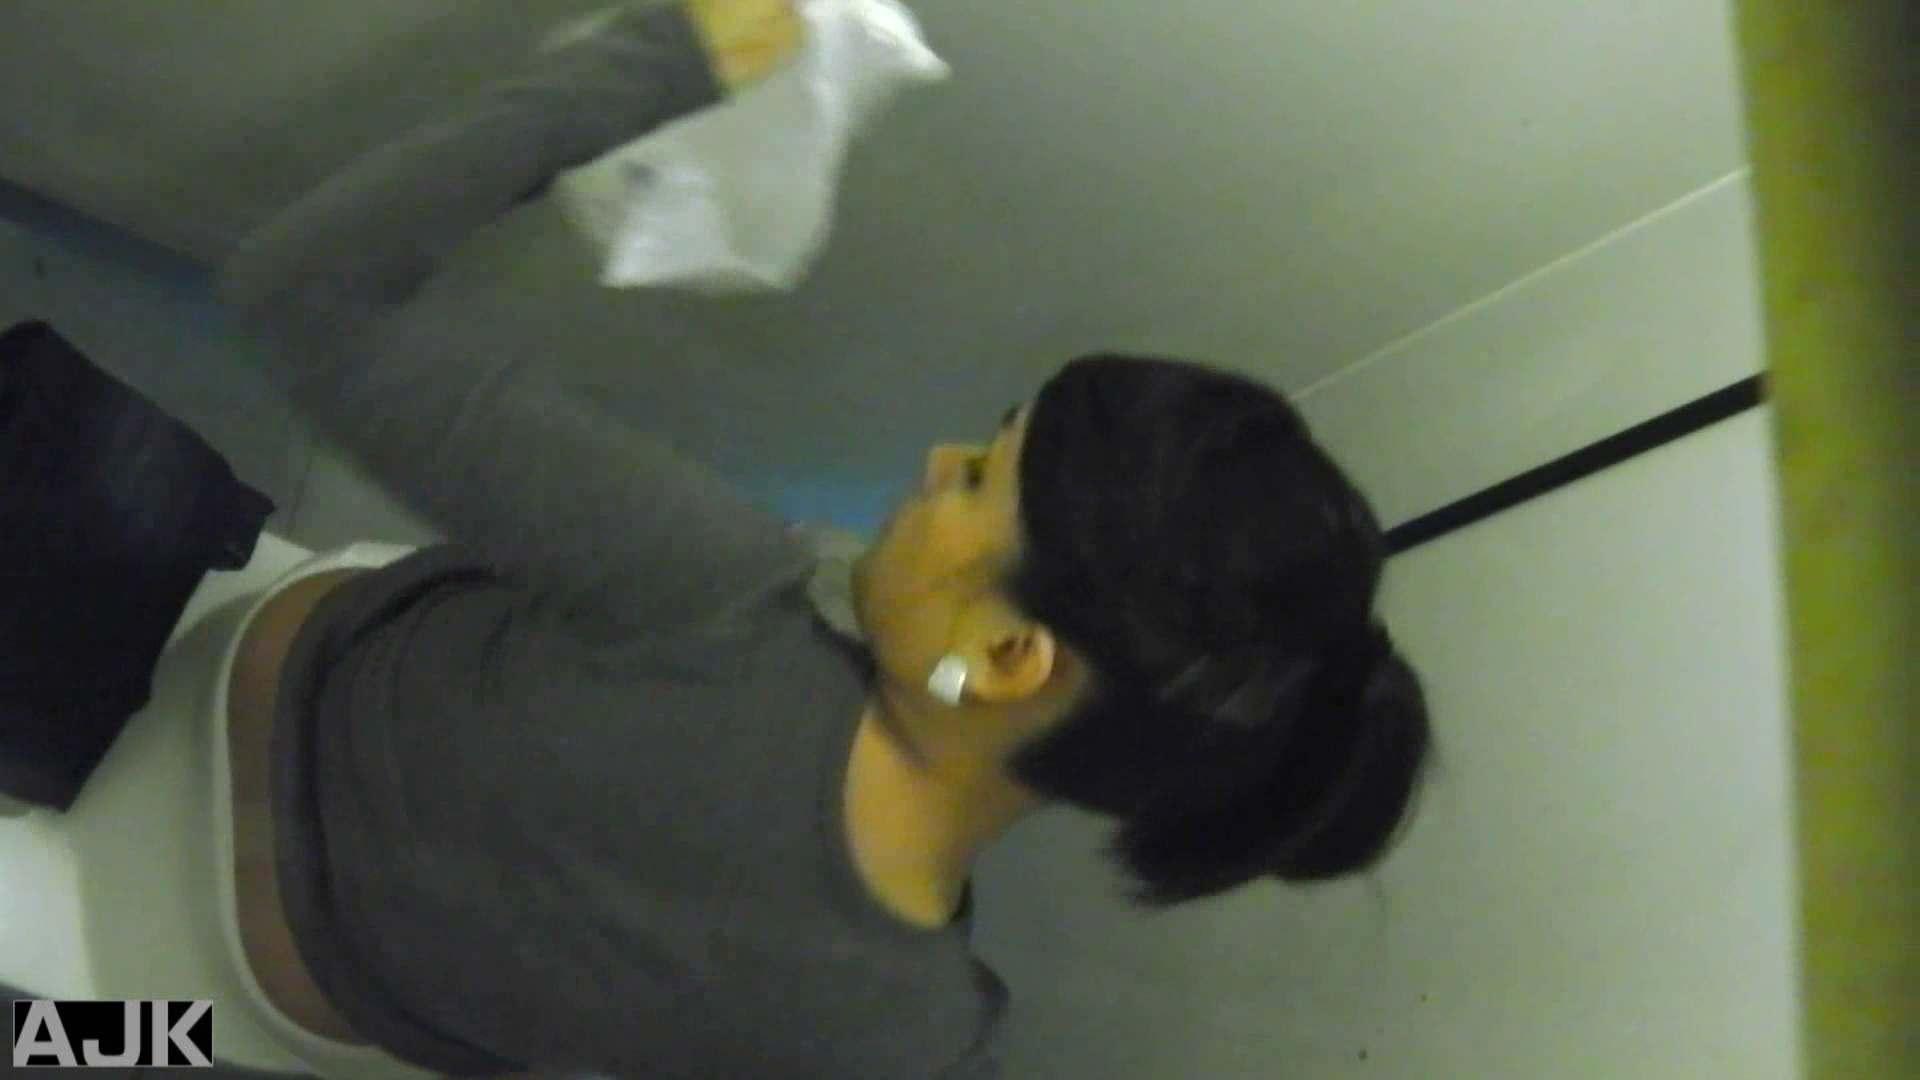 隣国上階級エリアの令嬢たちが集うデパートお手洗い Vol.21 美女 セックス無修正動画無料 93画像 4